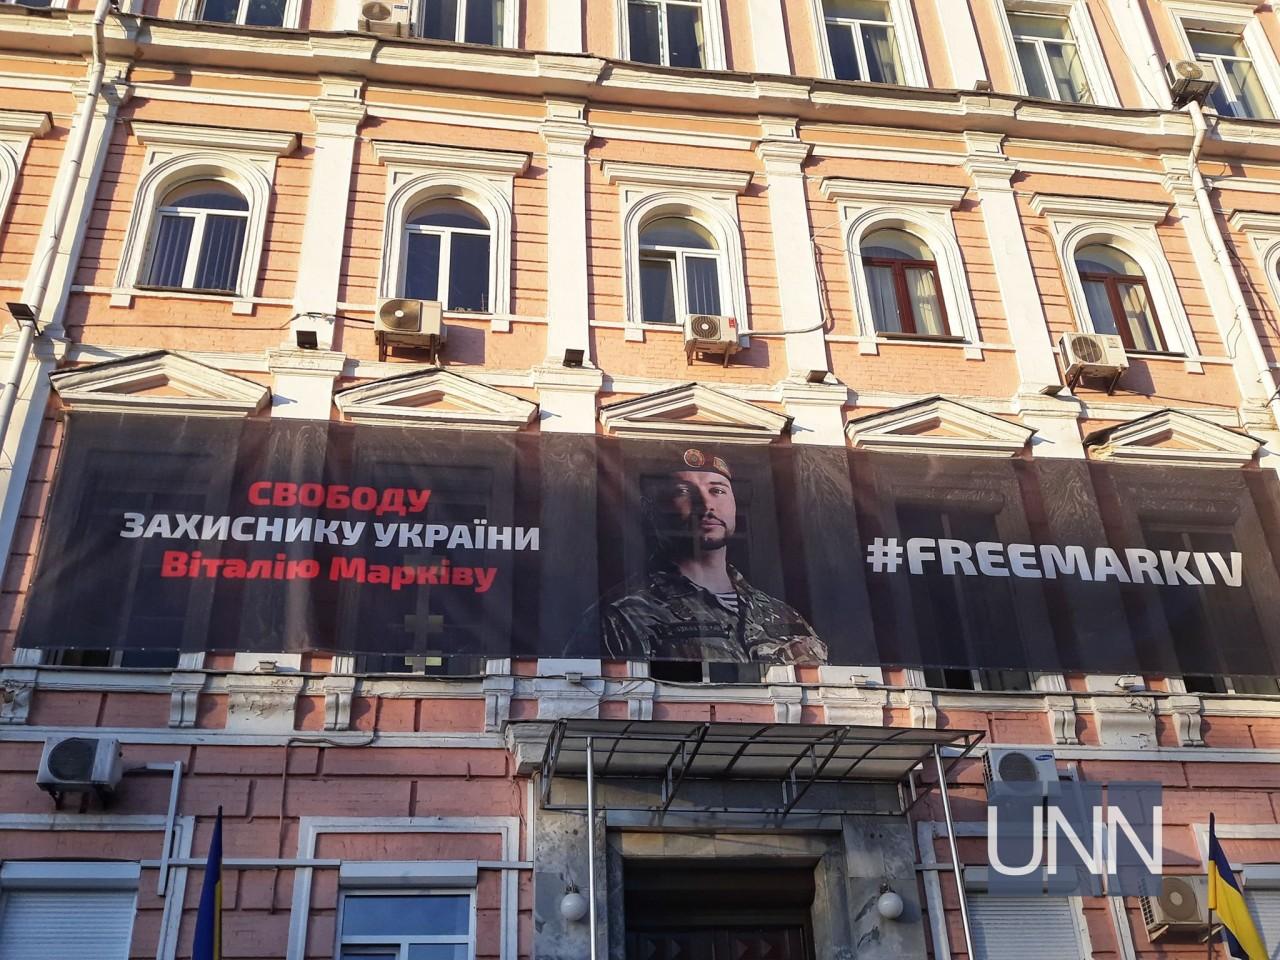 Полиция поучаствовала в акции Free Markiv